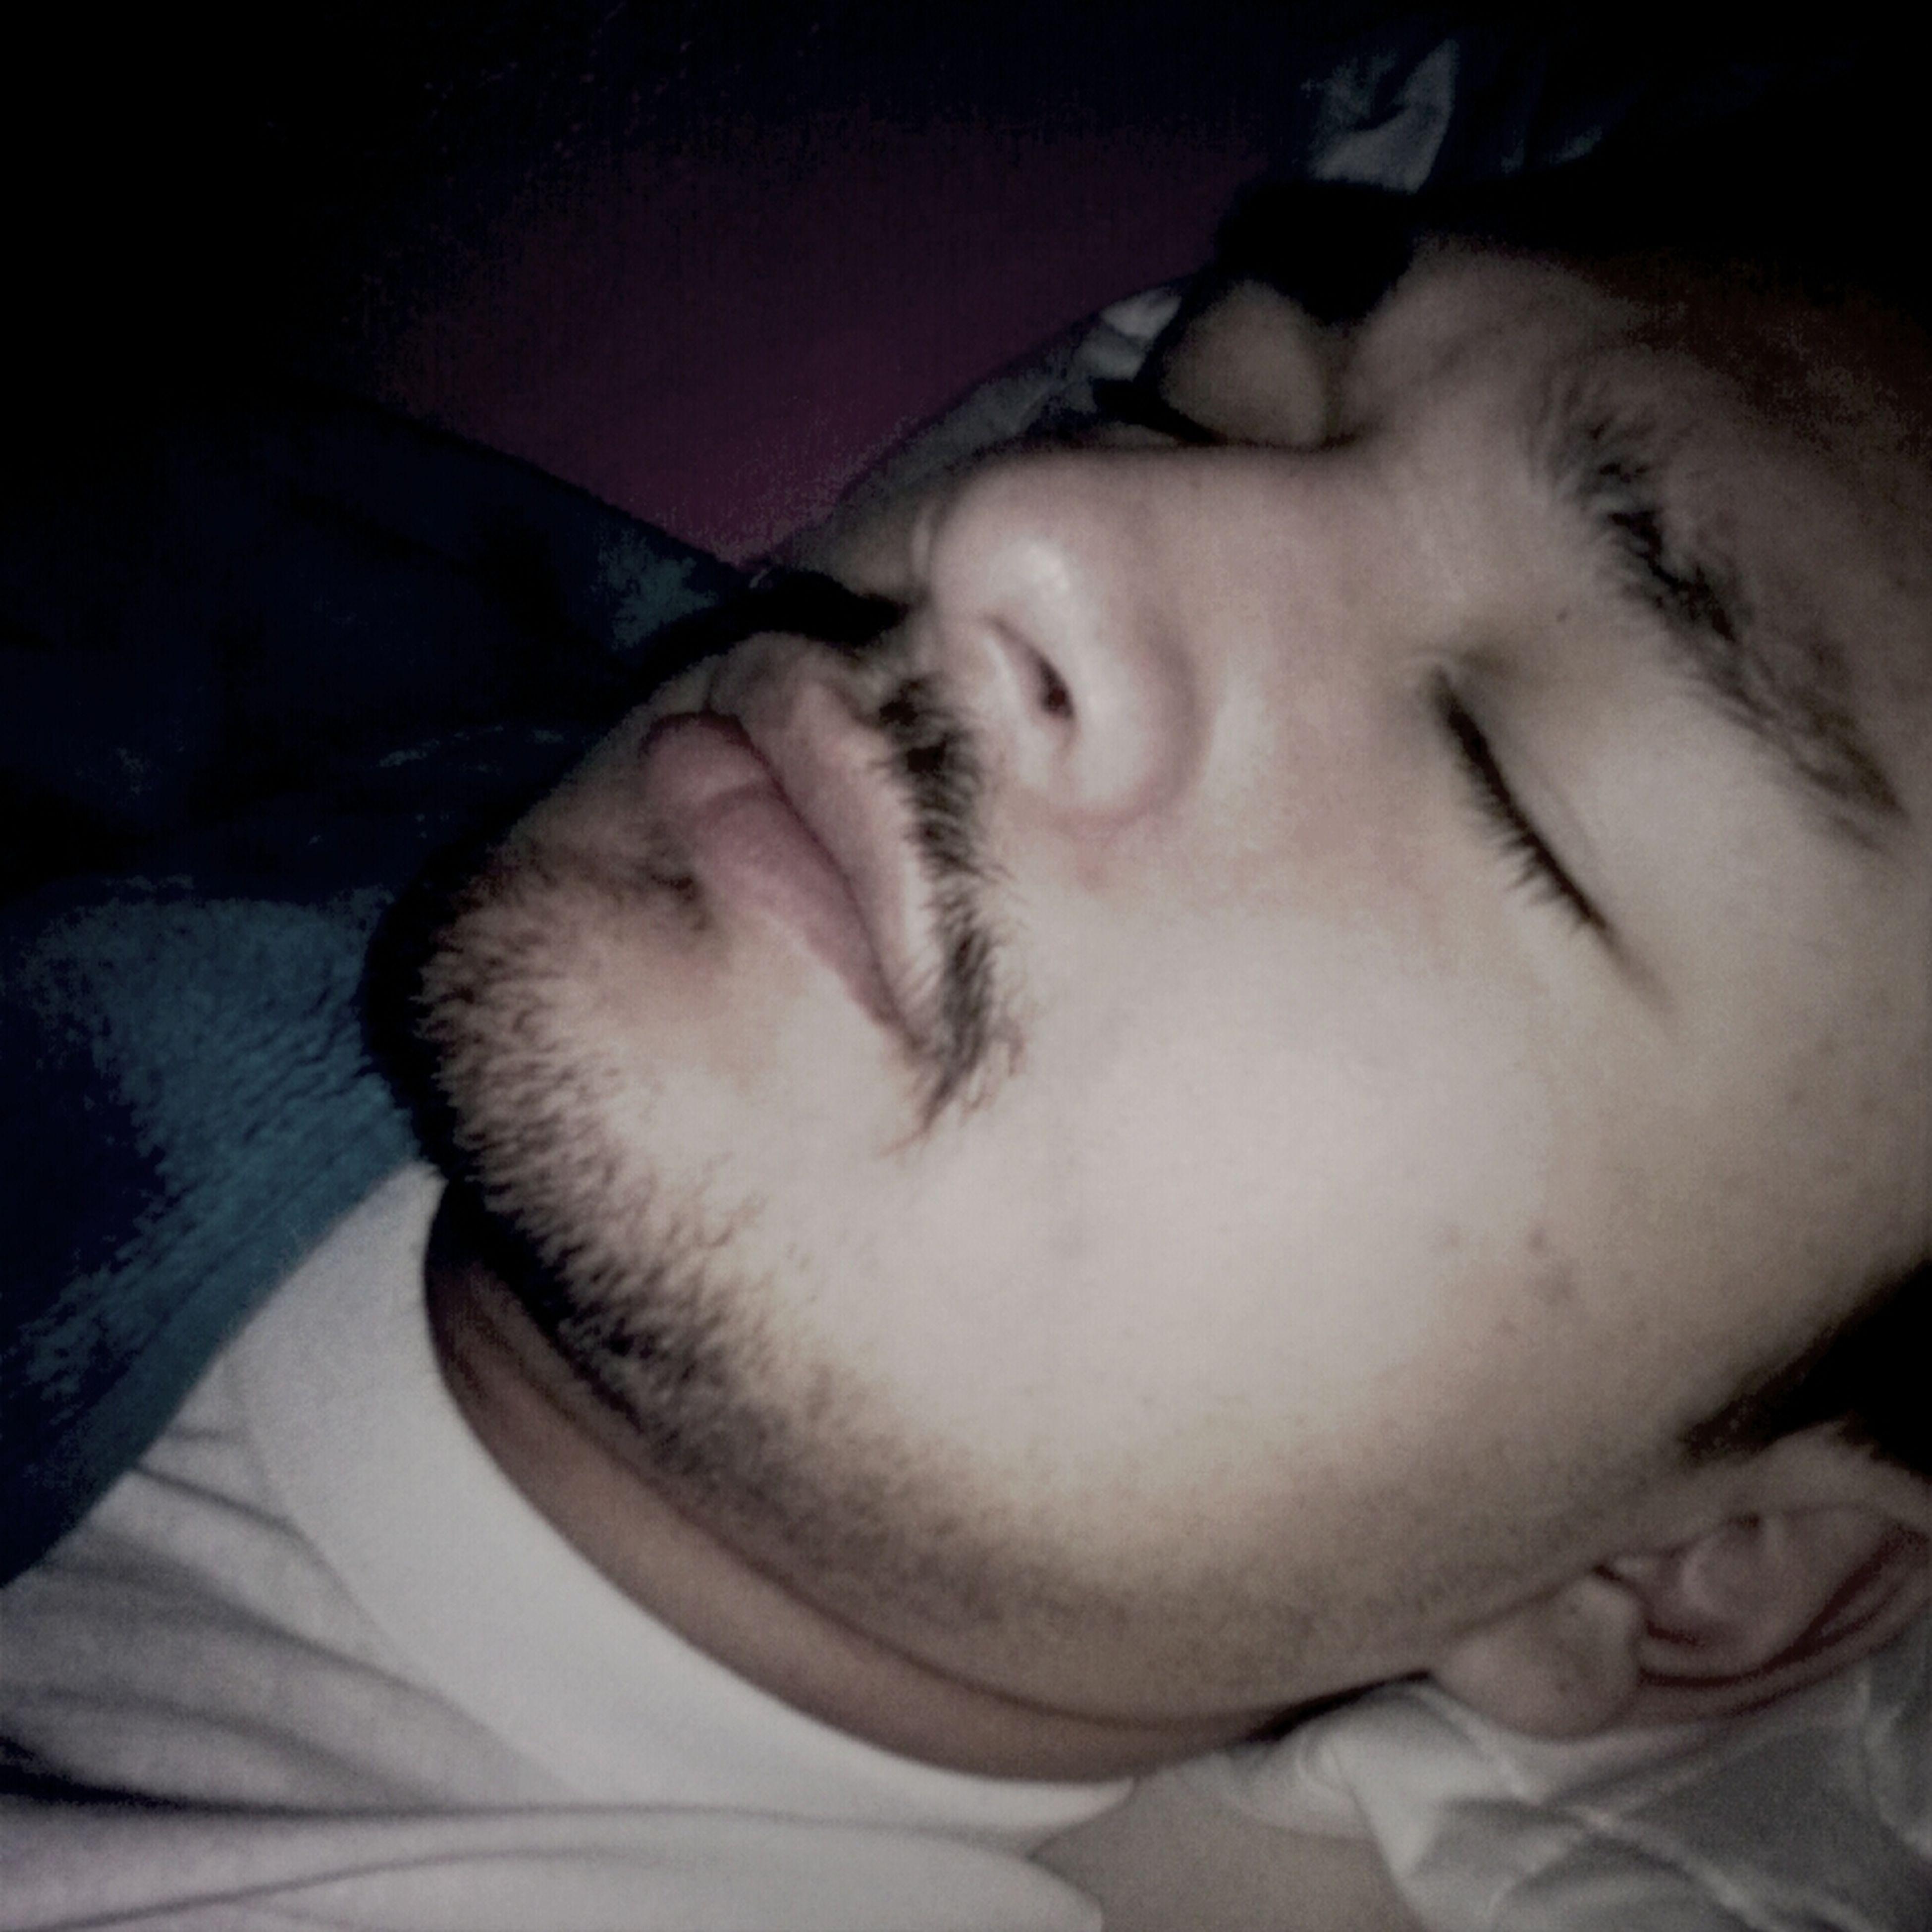 Sleepy Head(: